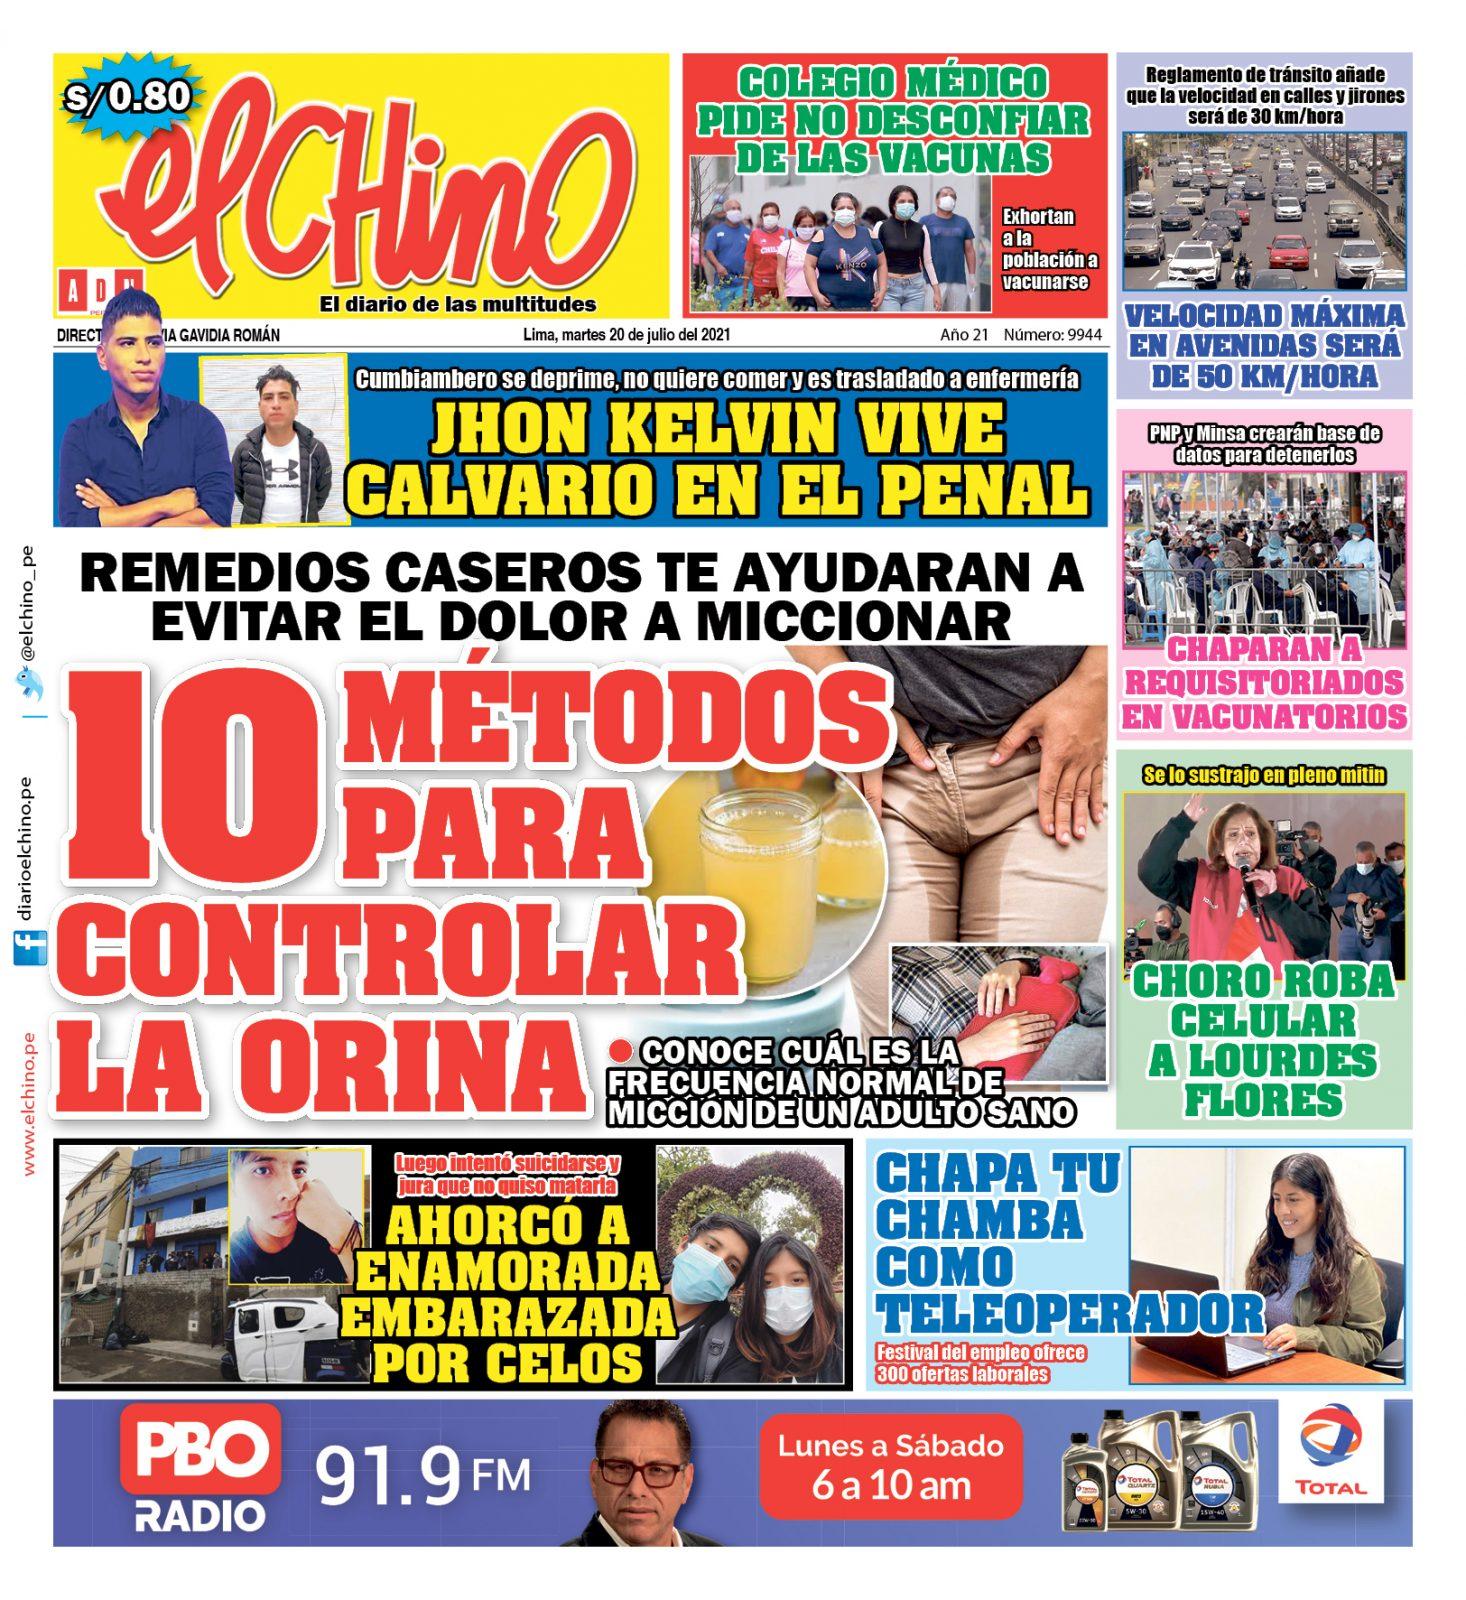 Portada impresa – Diario El Chino (20/07/2021)